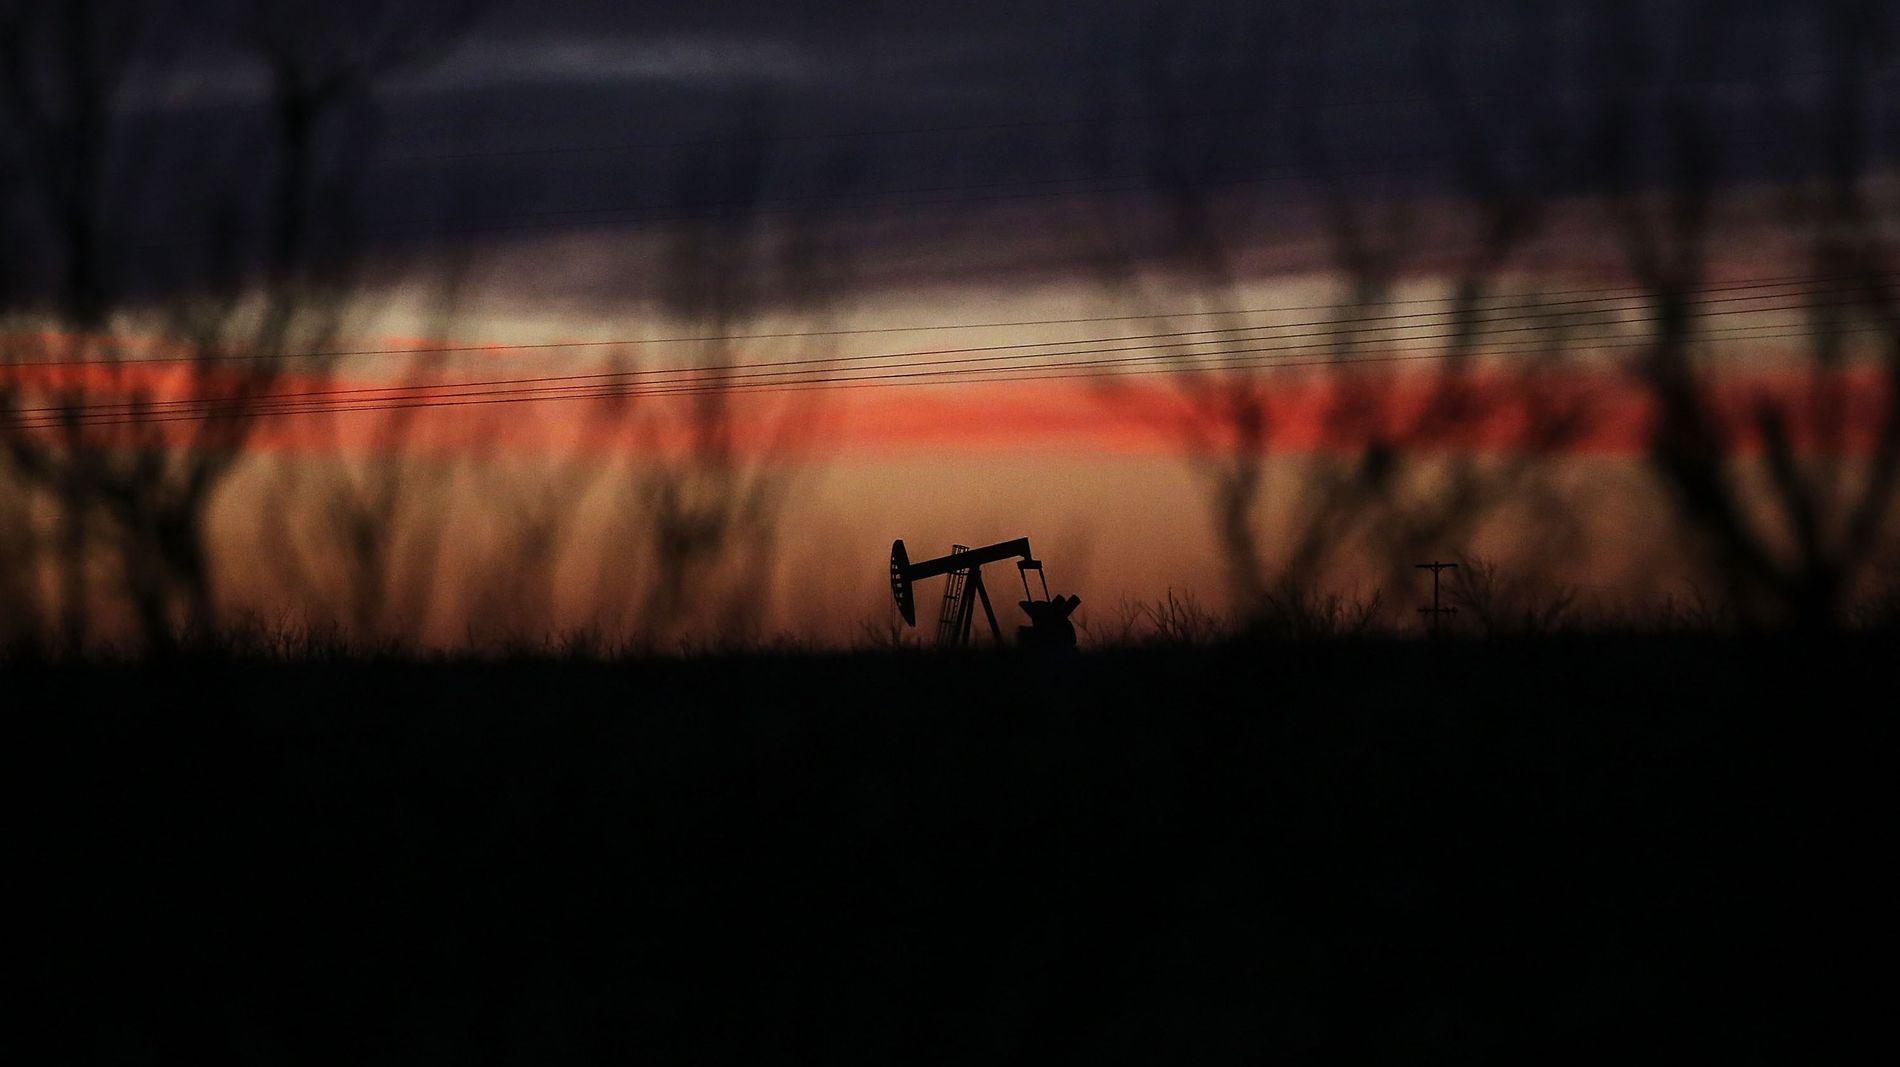 FULLE PUMPER: USAs dagsproduksjon av olje oversteg 10 millioner fat per dag i november, ifølge ferske tall fra EIA. Det er det høyeste månedstallet siden november 1970. Dette er en oljepumpe i Permian-regionen i Andrews i Texas.